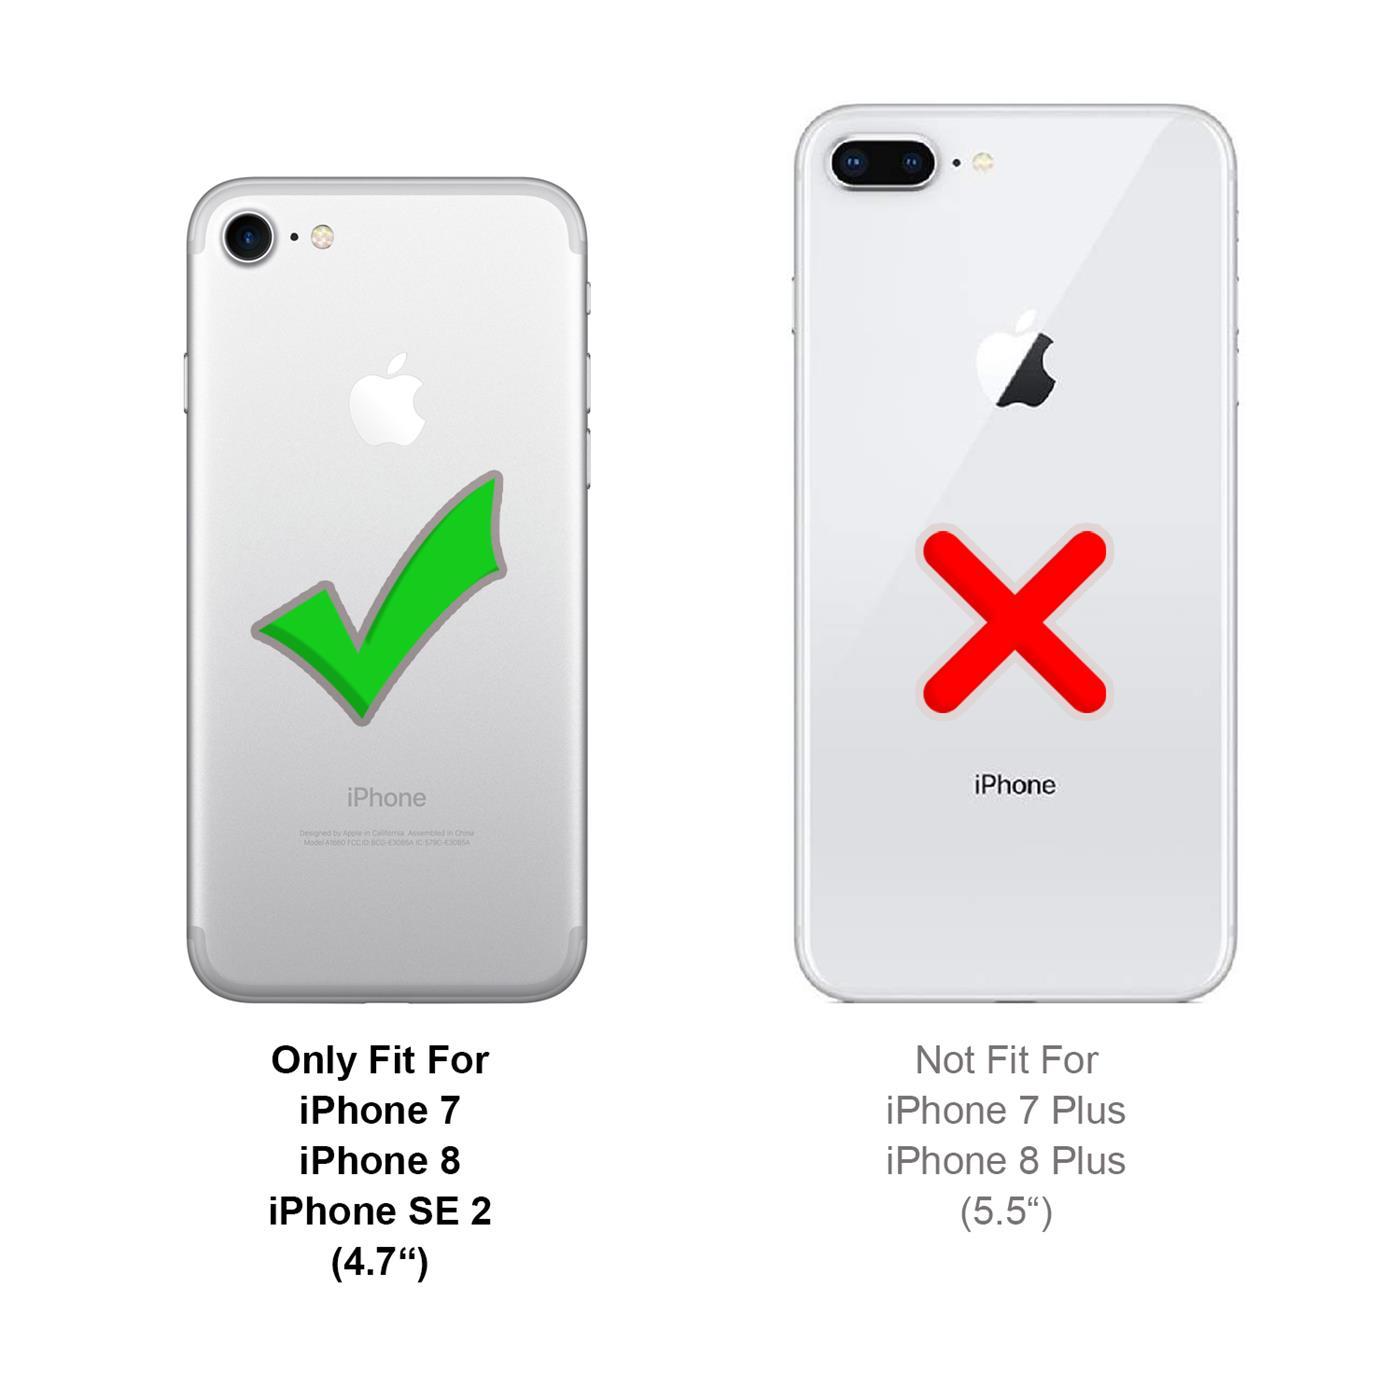 Slim-Cover-Schutzhuelle-Apple-iPhone-Handy-Schutz-Tasche-Huelle-Glas-Panzer-Folie Indexbild 12